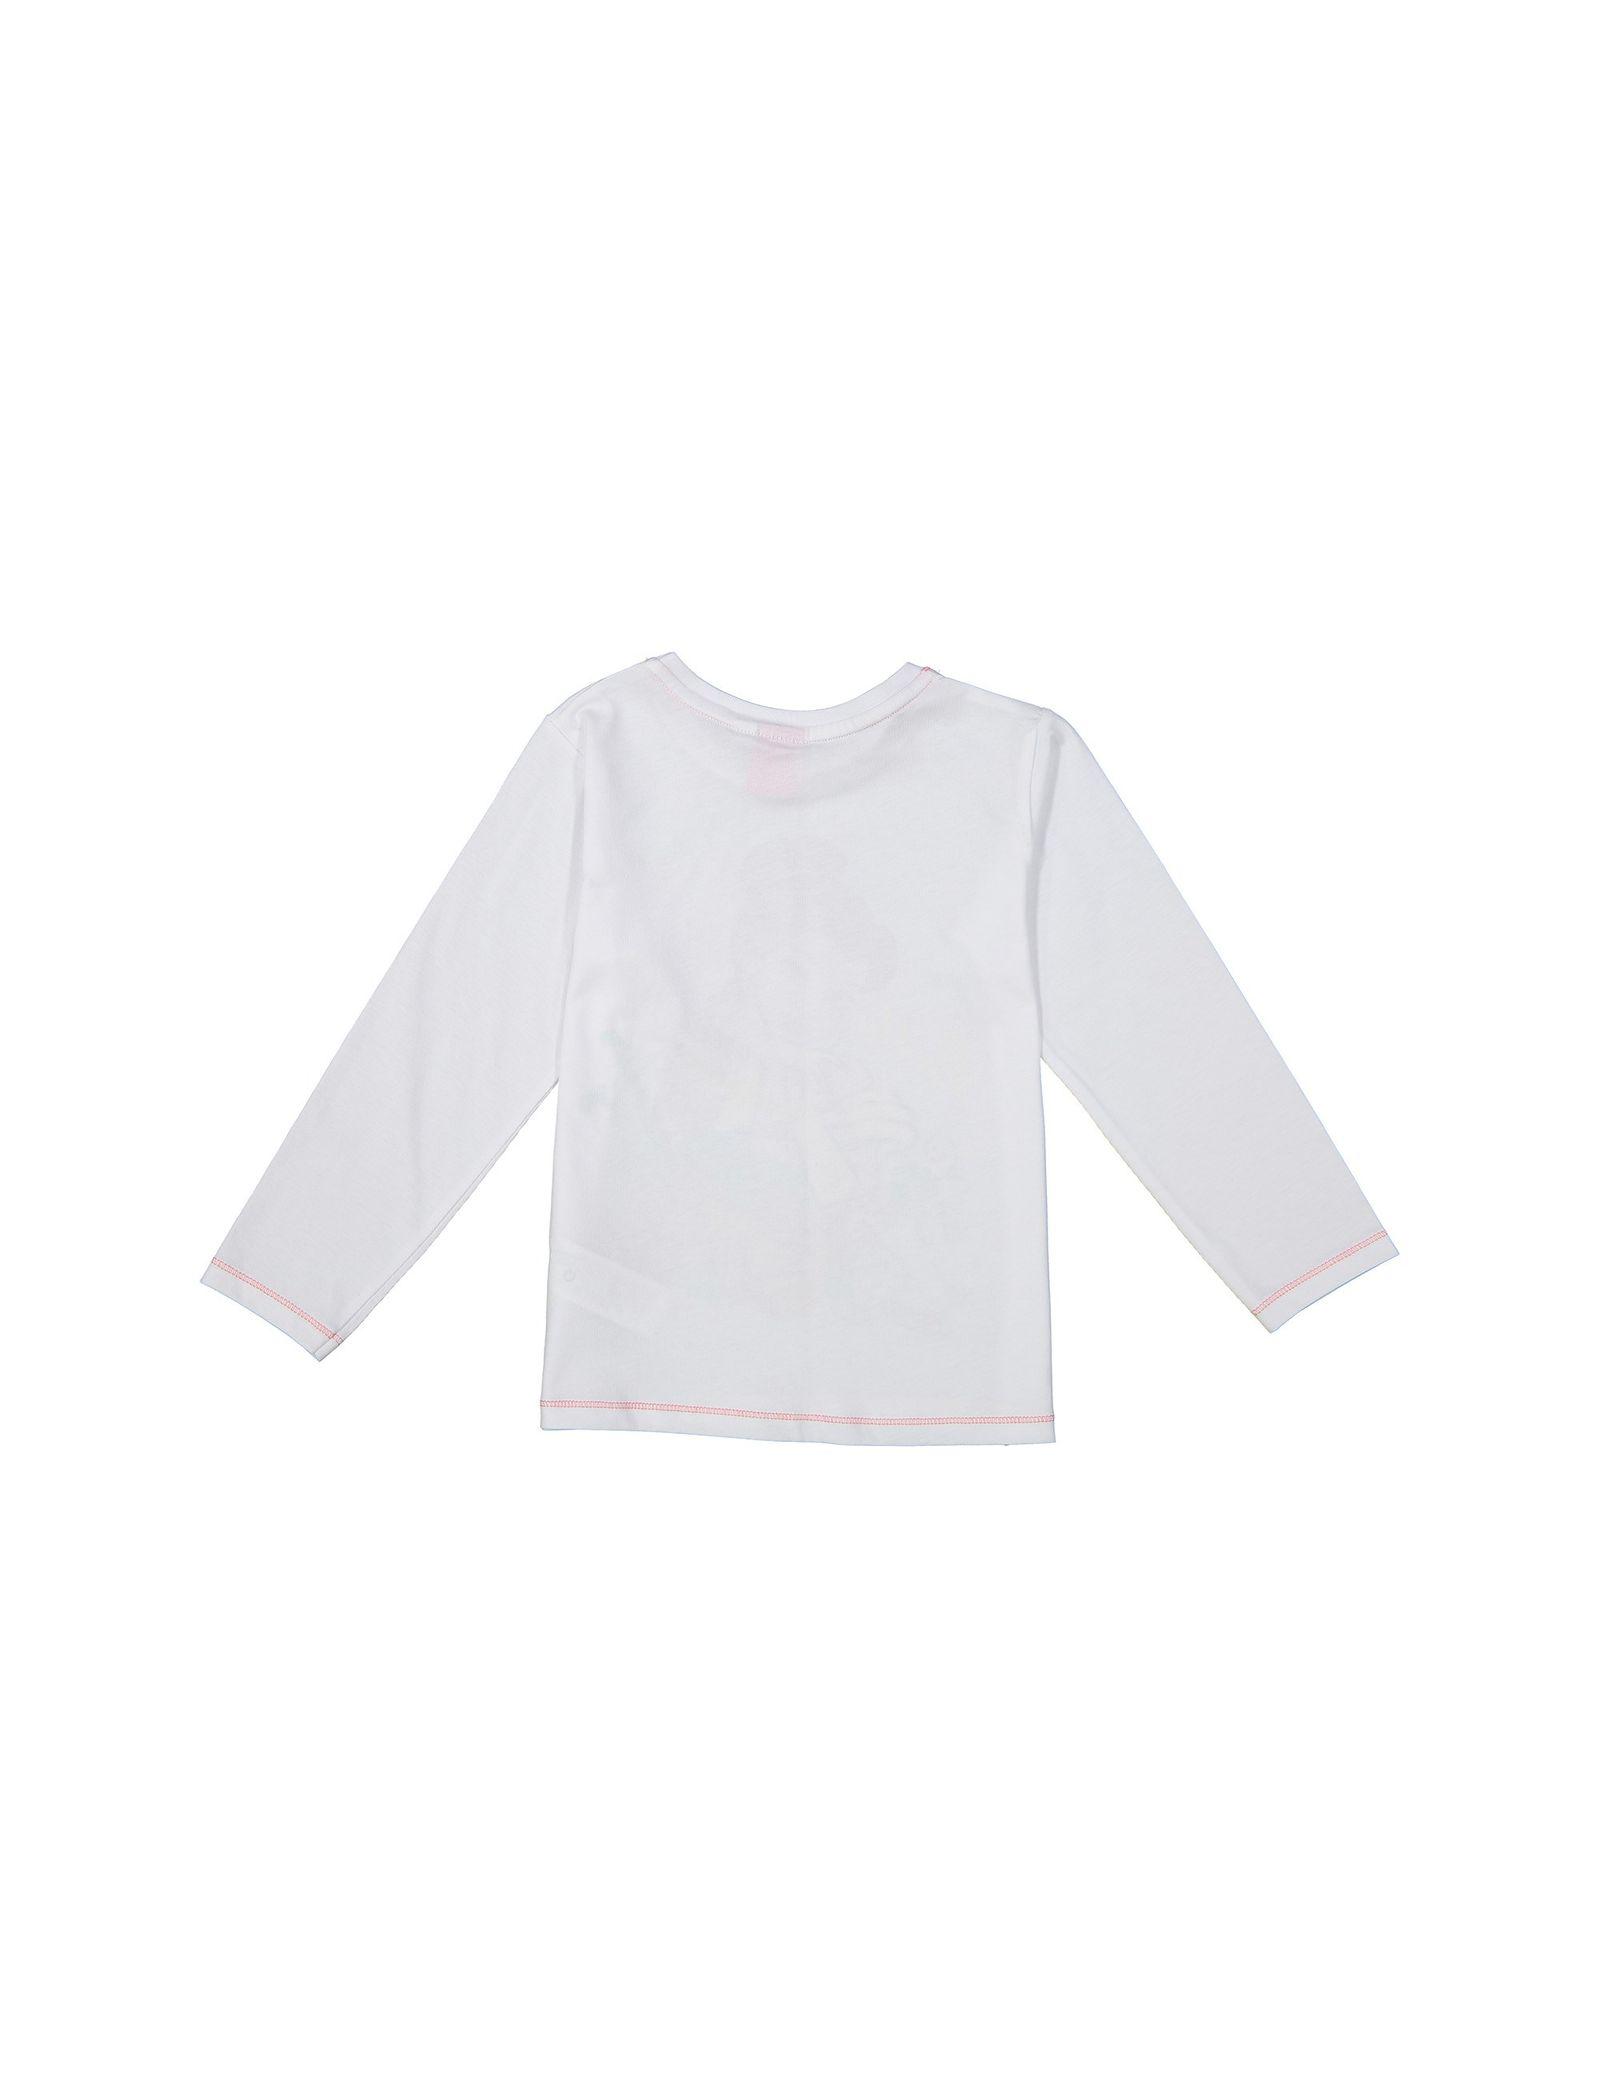 تی شرت و شلوار راحتی نخی دخترانه - دبنهامز - سفيد/صورتي - 3